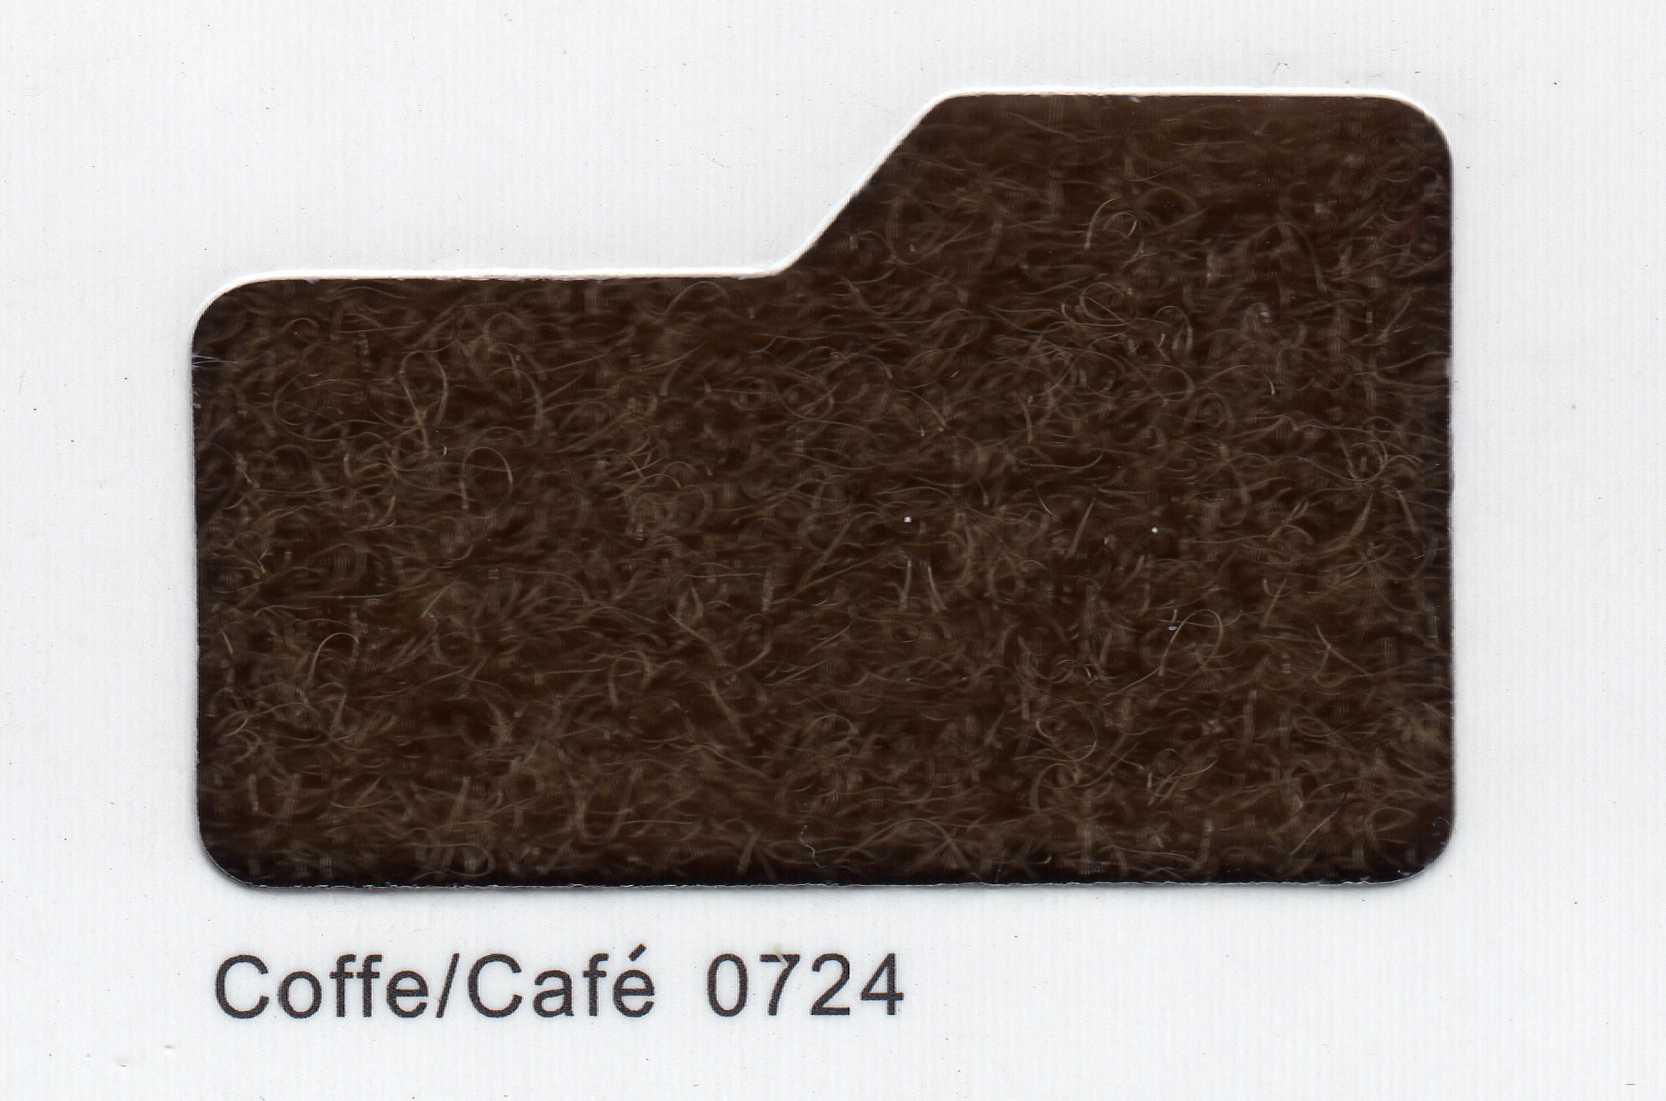 Cinta de cierre Velcro-Veraco 100mm Café 0724 (Rizo).